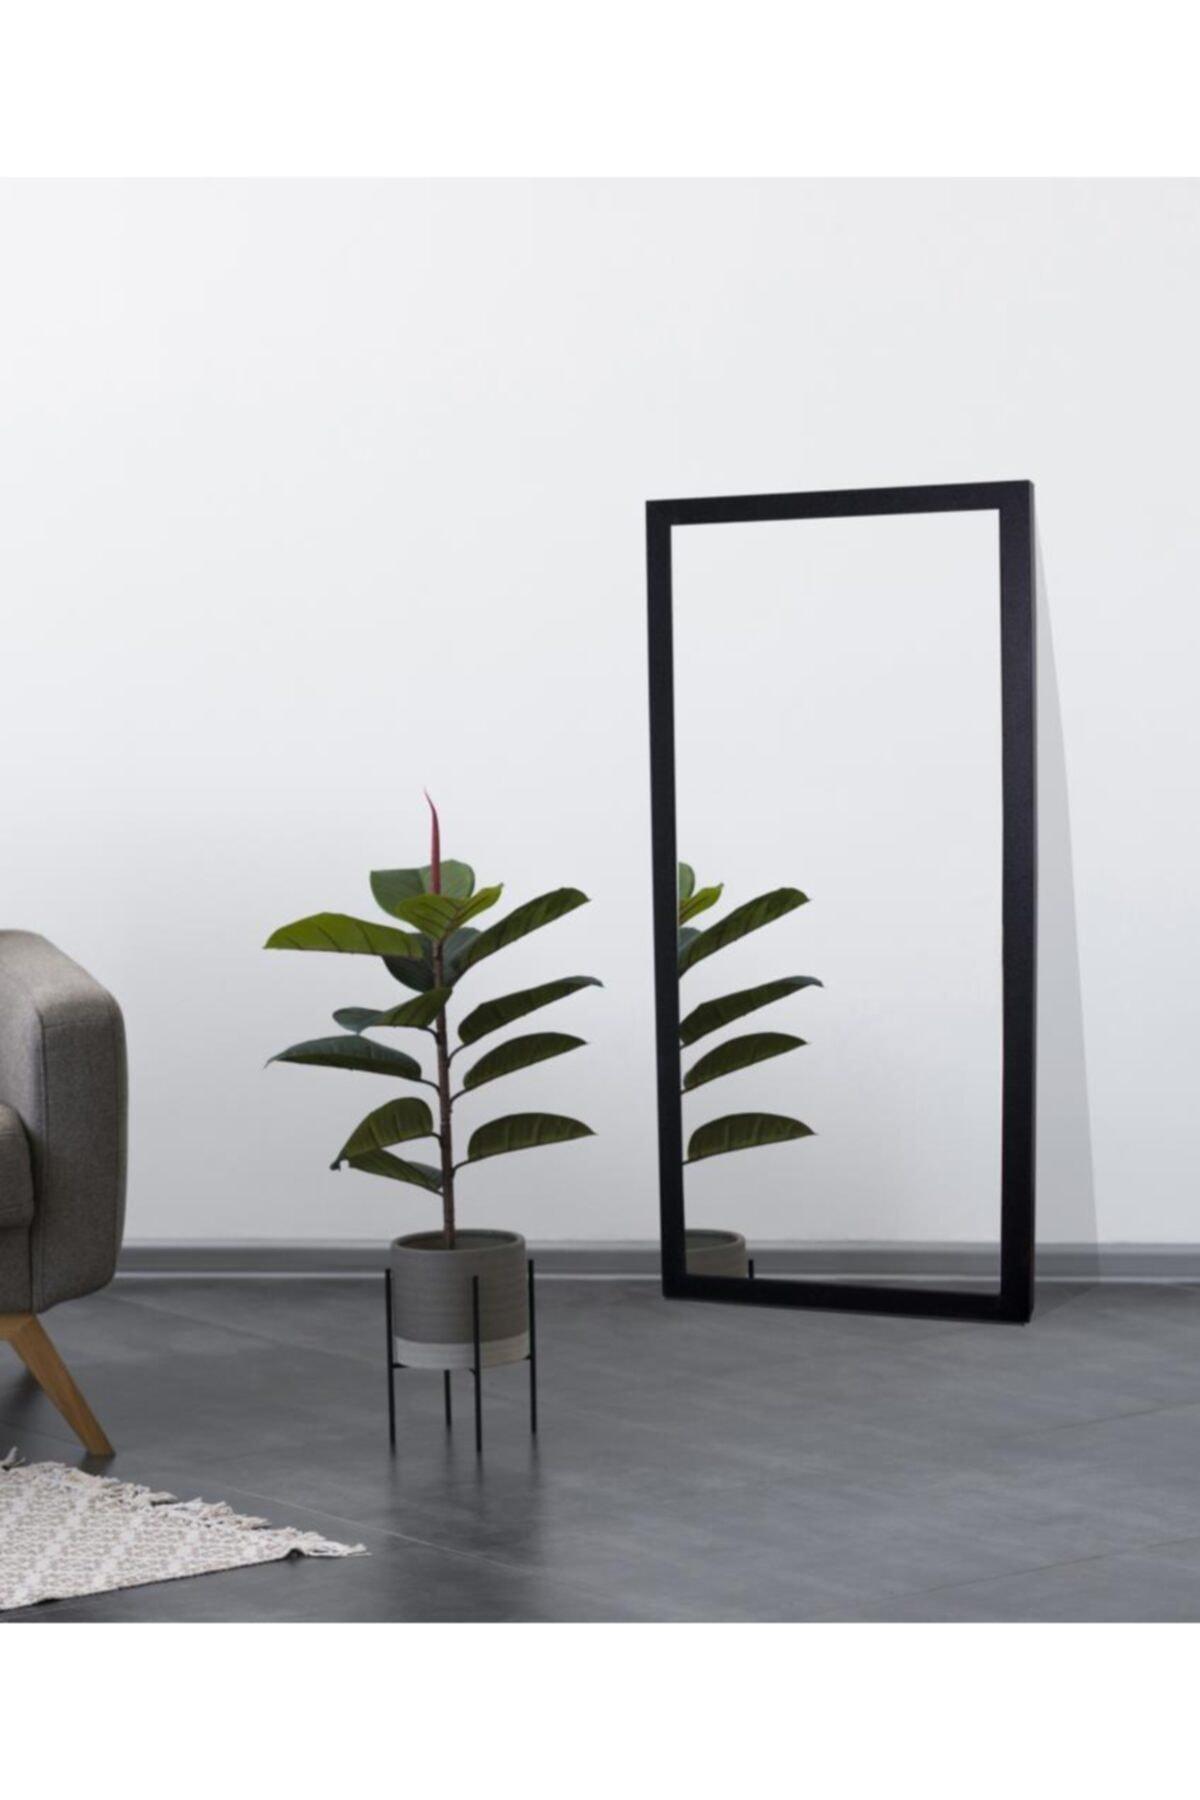 Chic Life Dekoratif Boy Aynası - Siyah Çerçeve 1